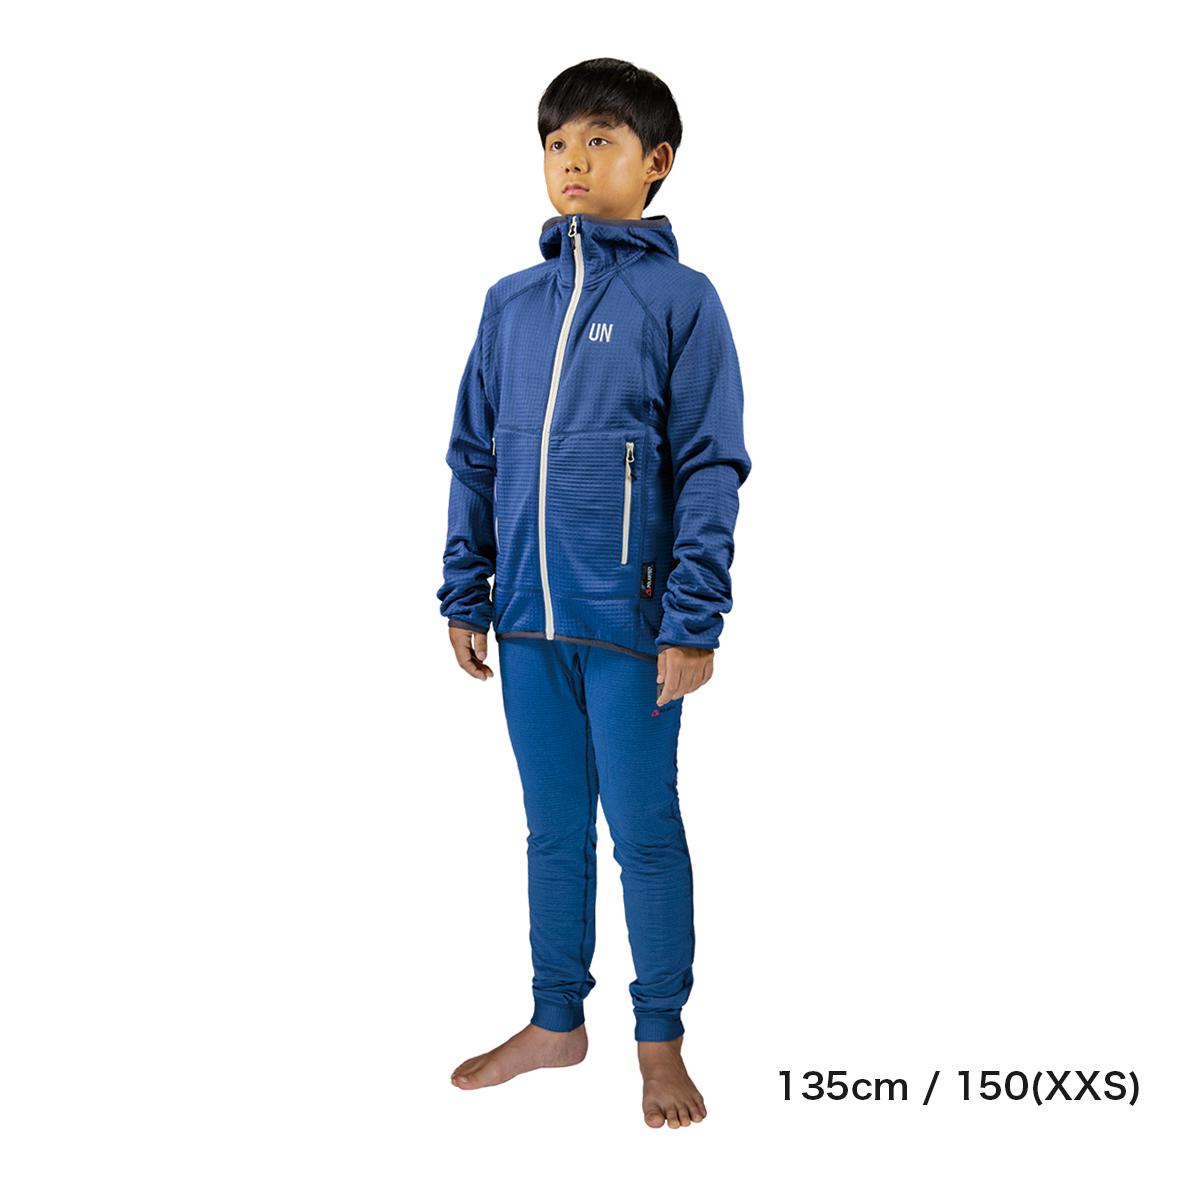 Kids 130 / UN2100 Light weight fleece hoody / Navy